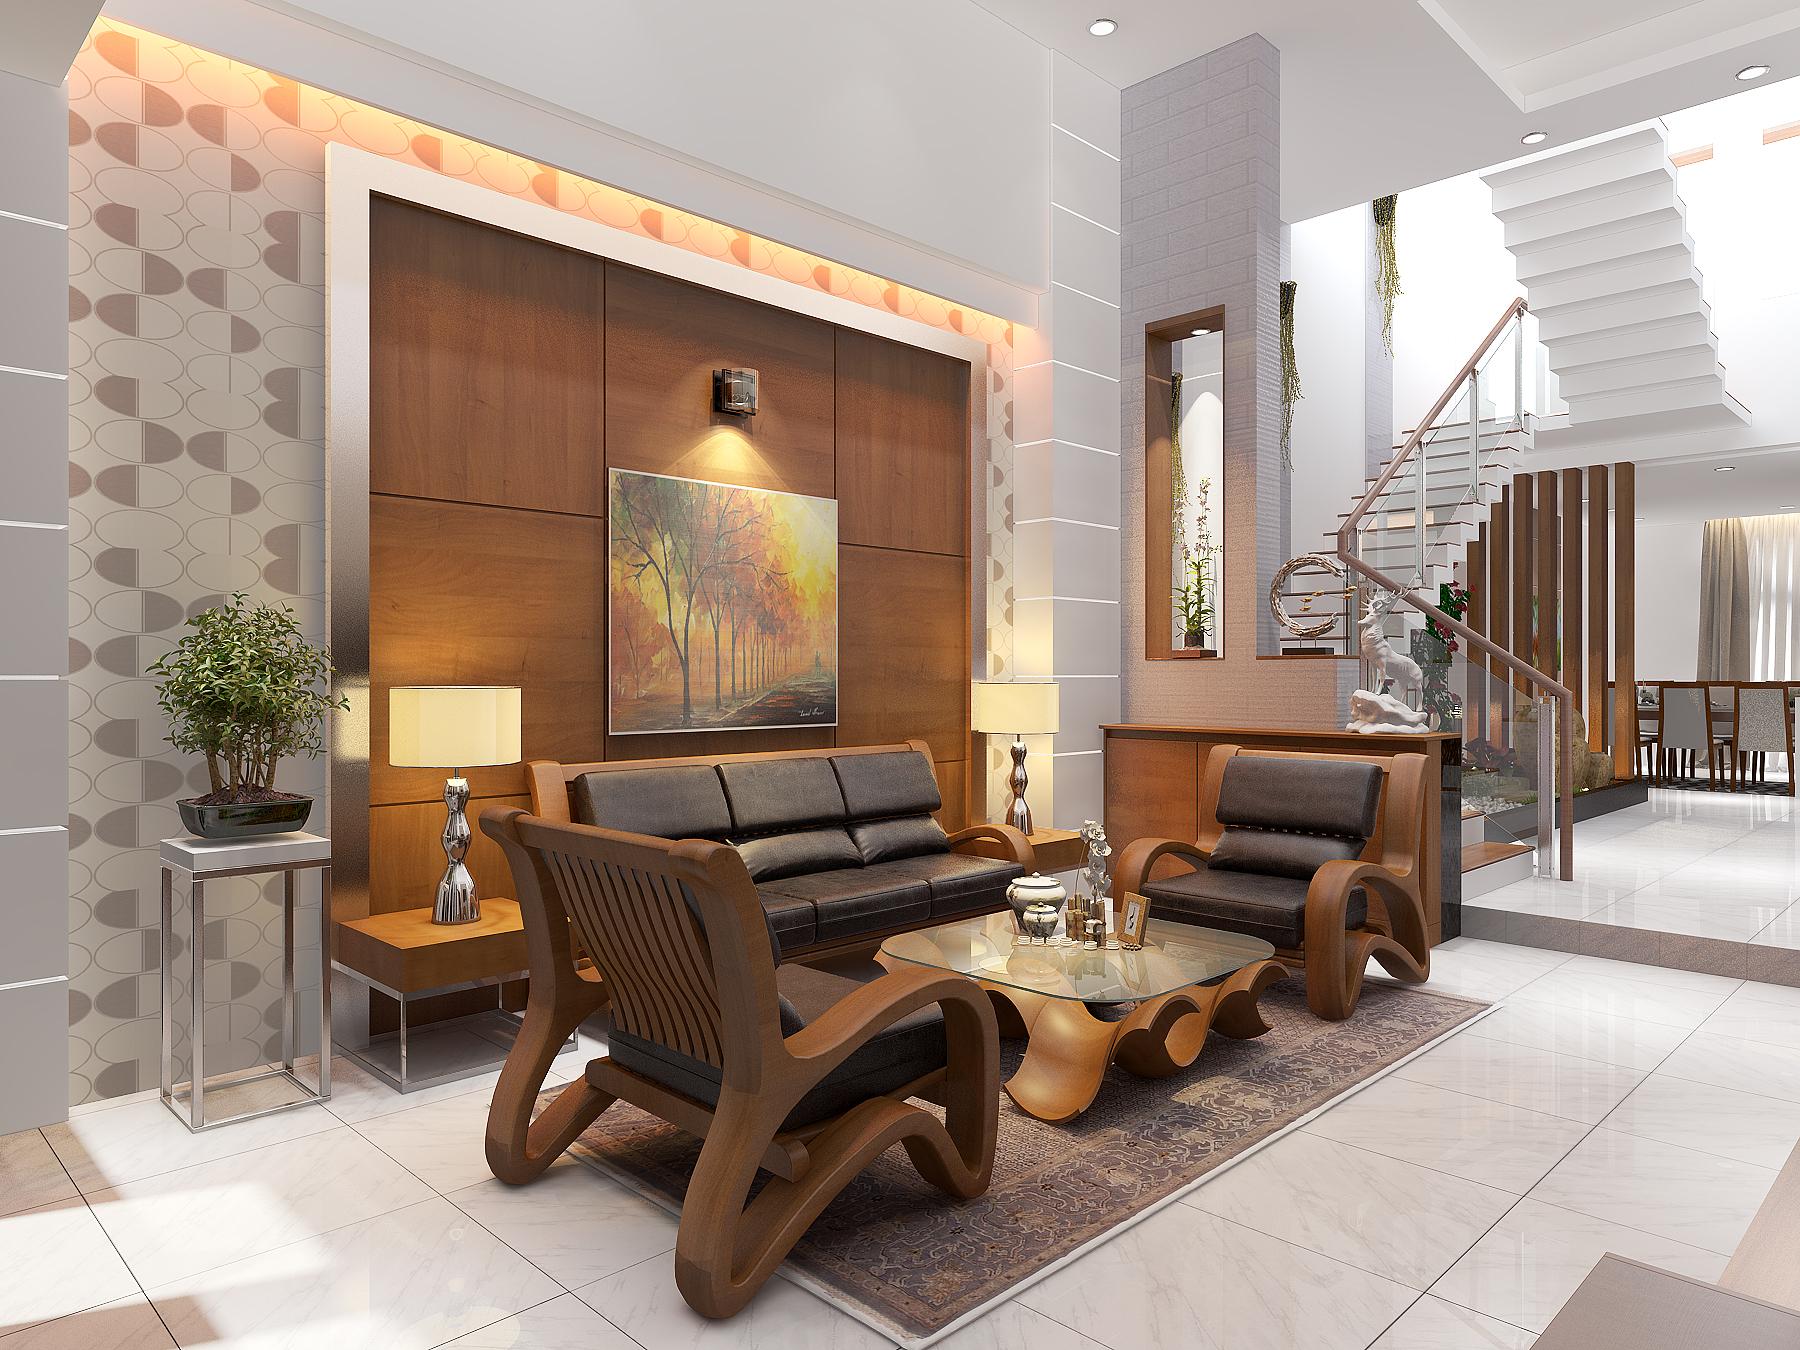 PHONG KHACH BEP 2 1 Mẫu thiết kế nhà đẹp 4,5x18m 3 tầng mới hiện đại ngập không gian xanh đẹp tuyệt ở Biên Hòa